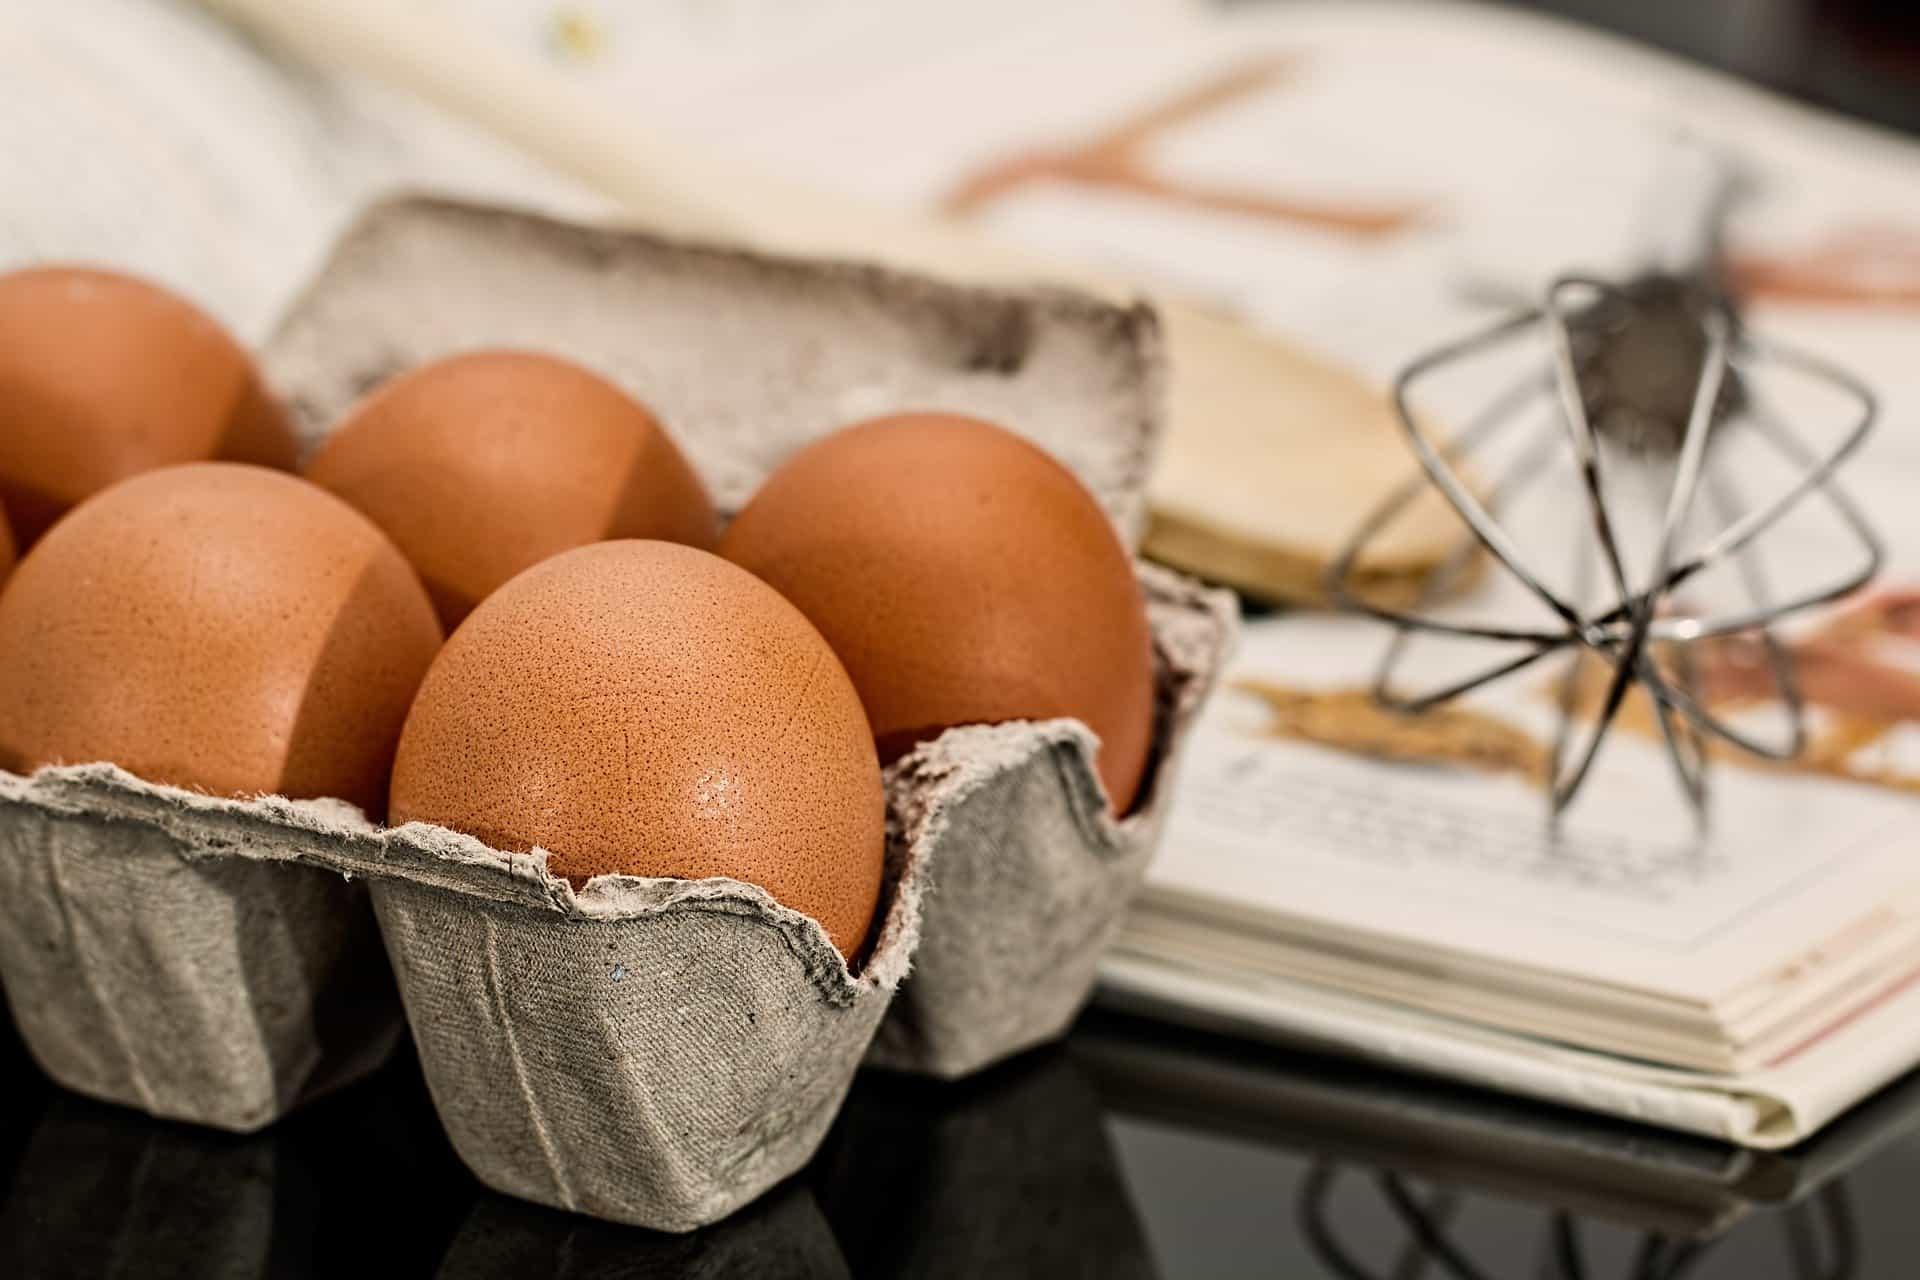 Backen macht glücklich mit Eiern